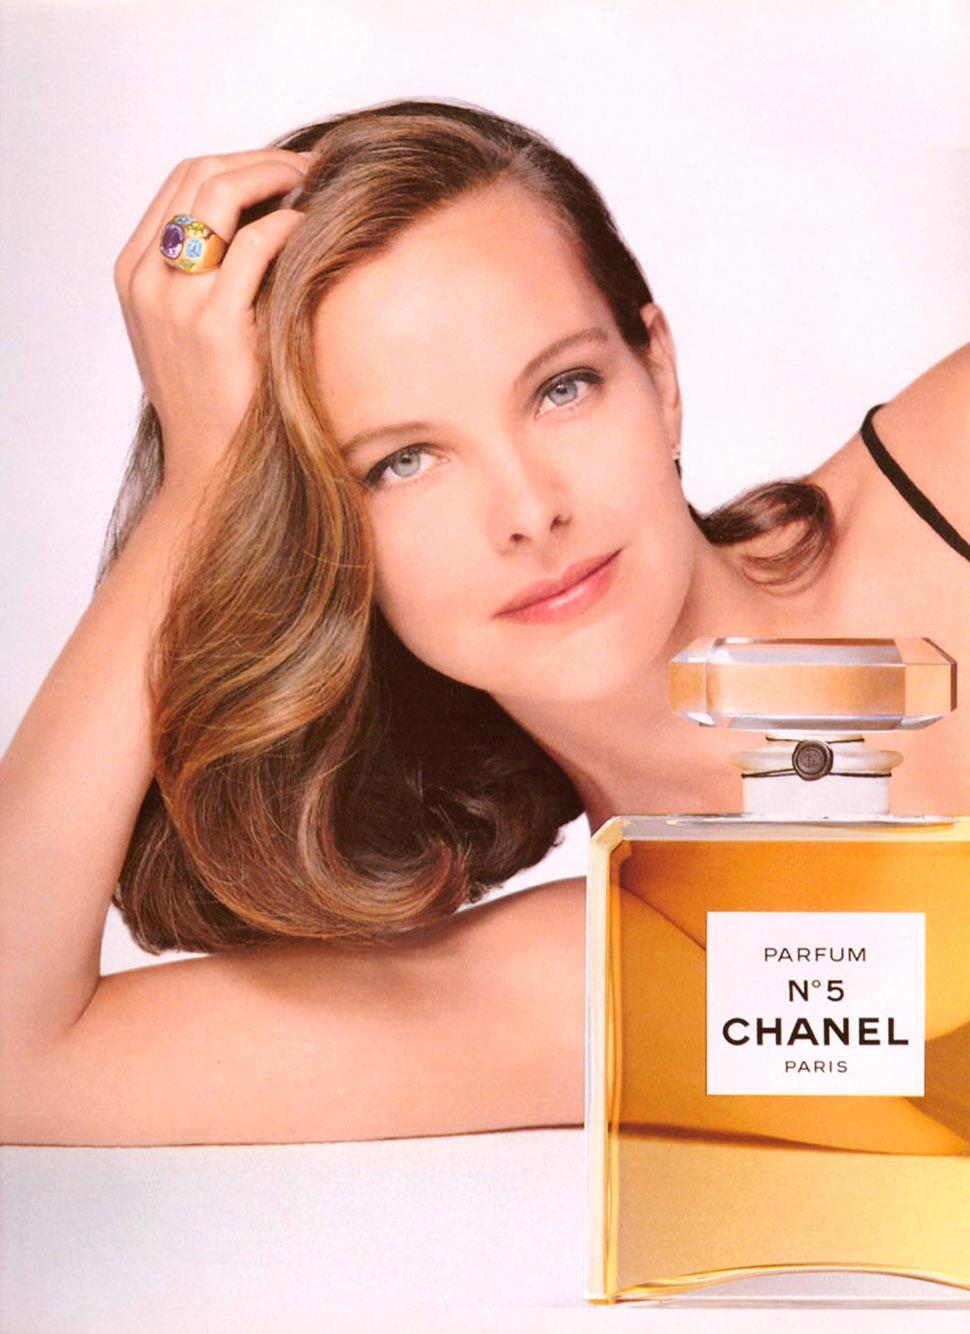 Кароль была лицом рекламной кампании аромата Chanel №5.    Кароль Буке была лицом Chanel на про